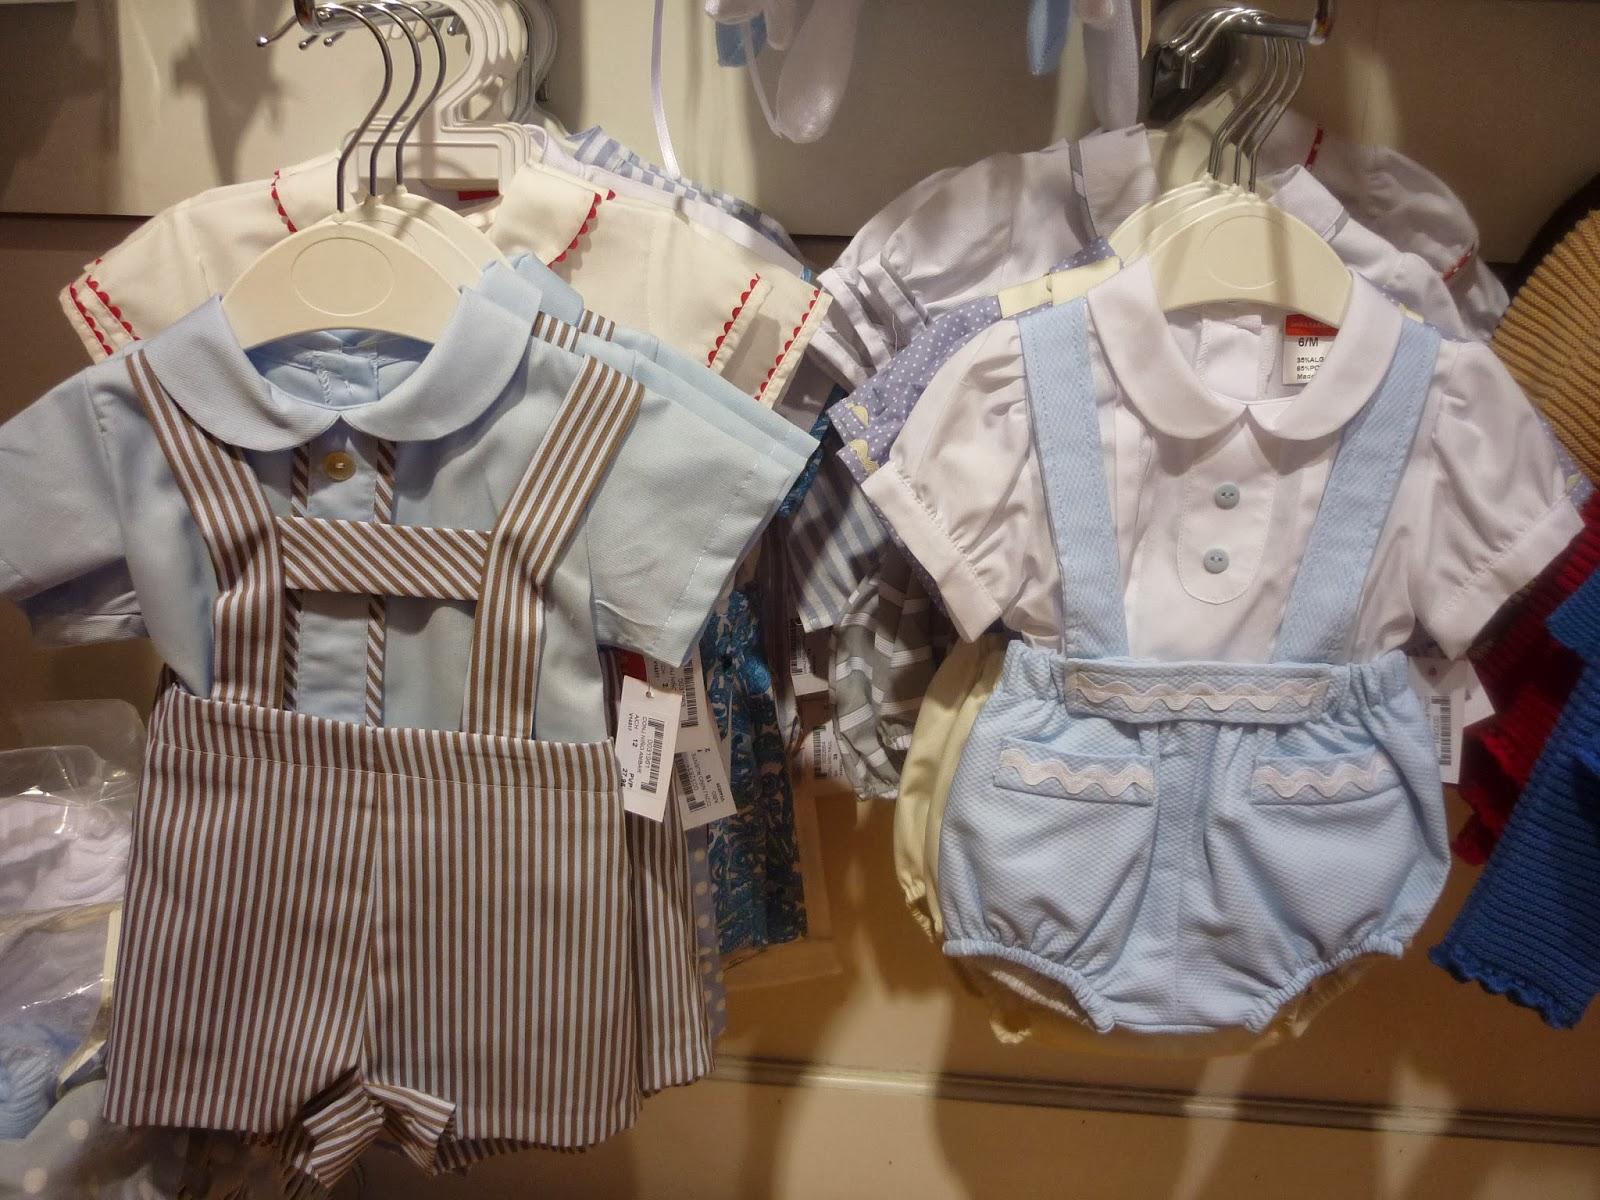 ropa de bebe barata en c&a madrid